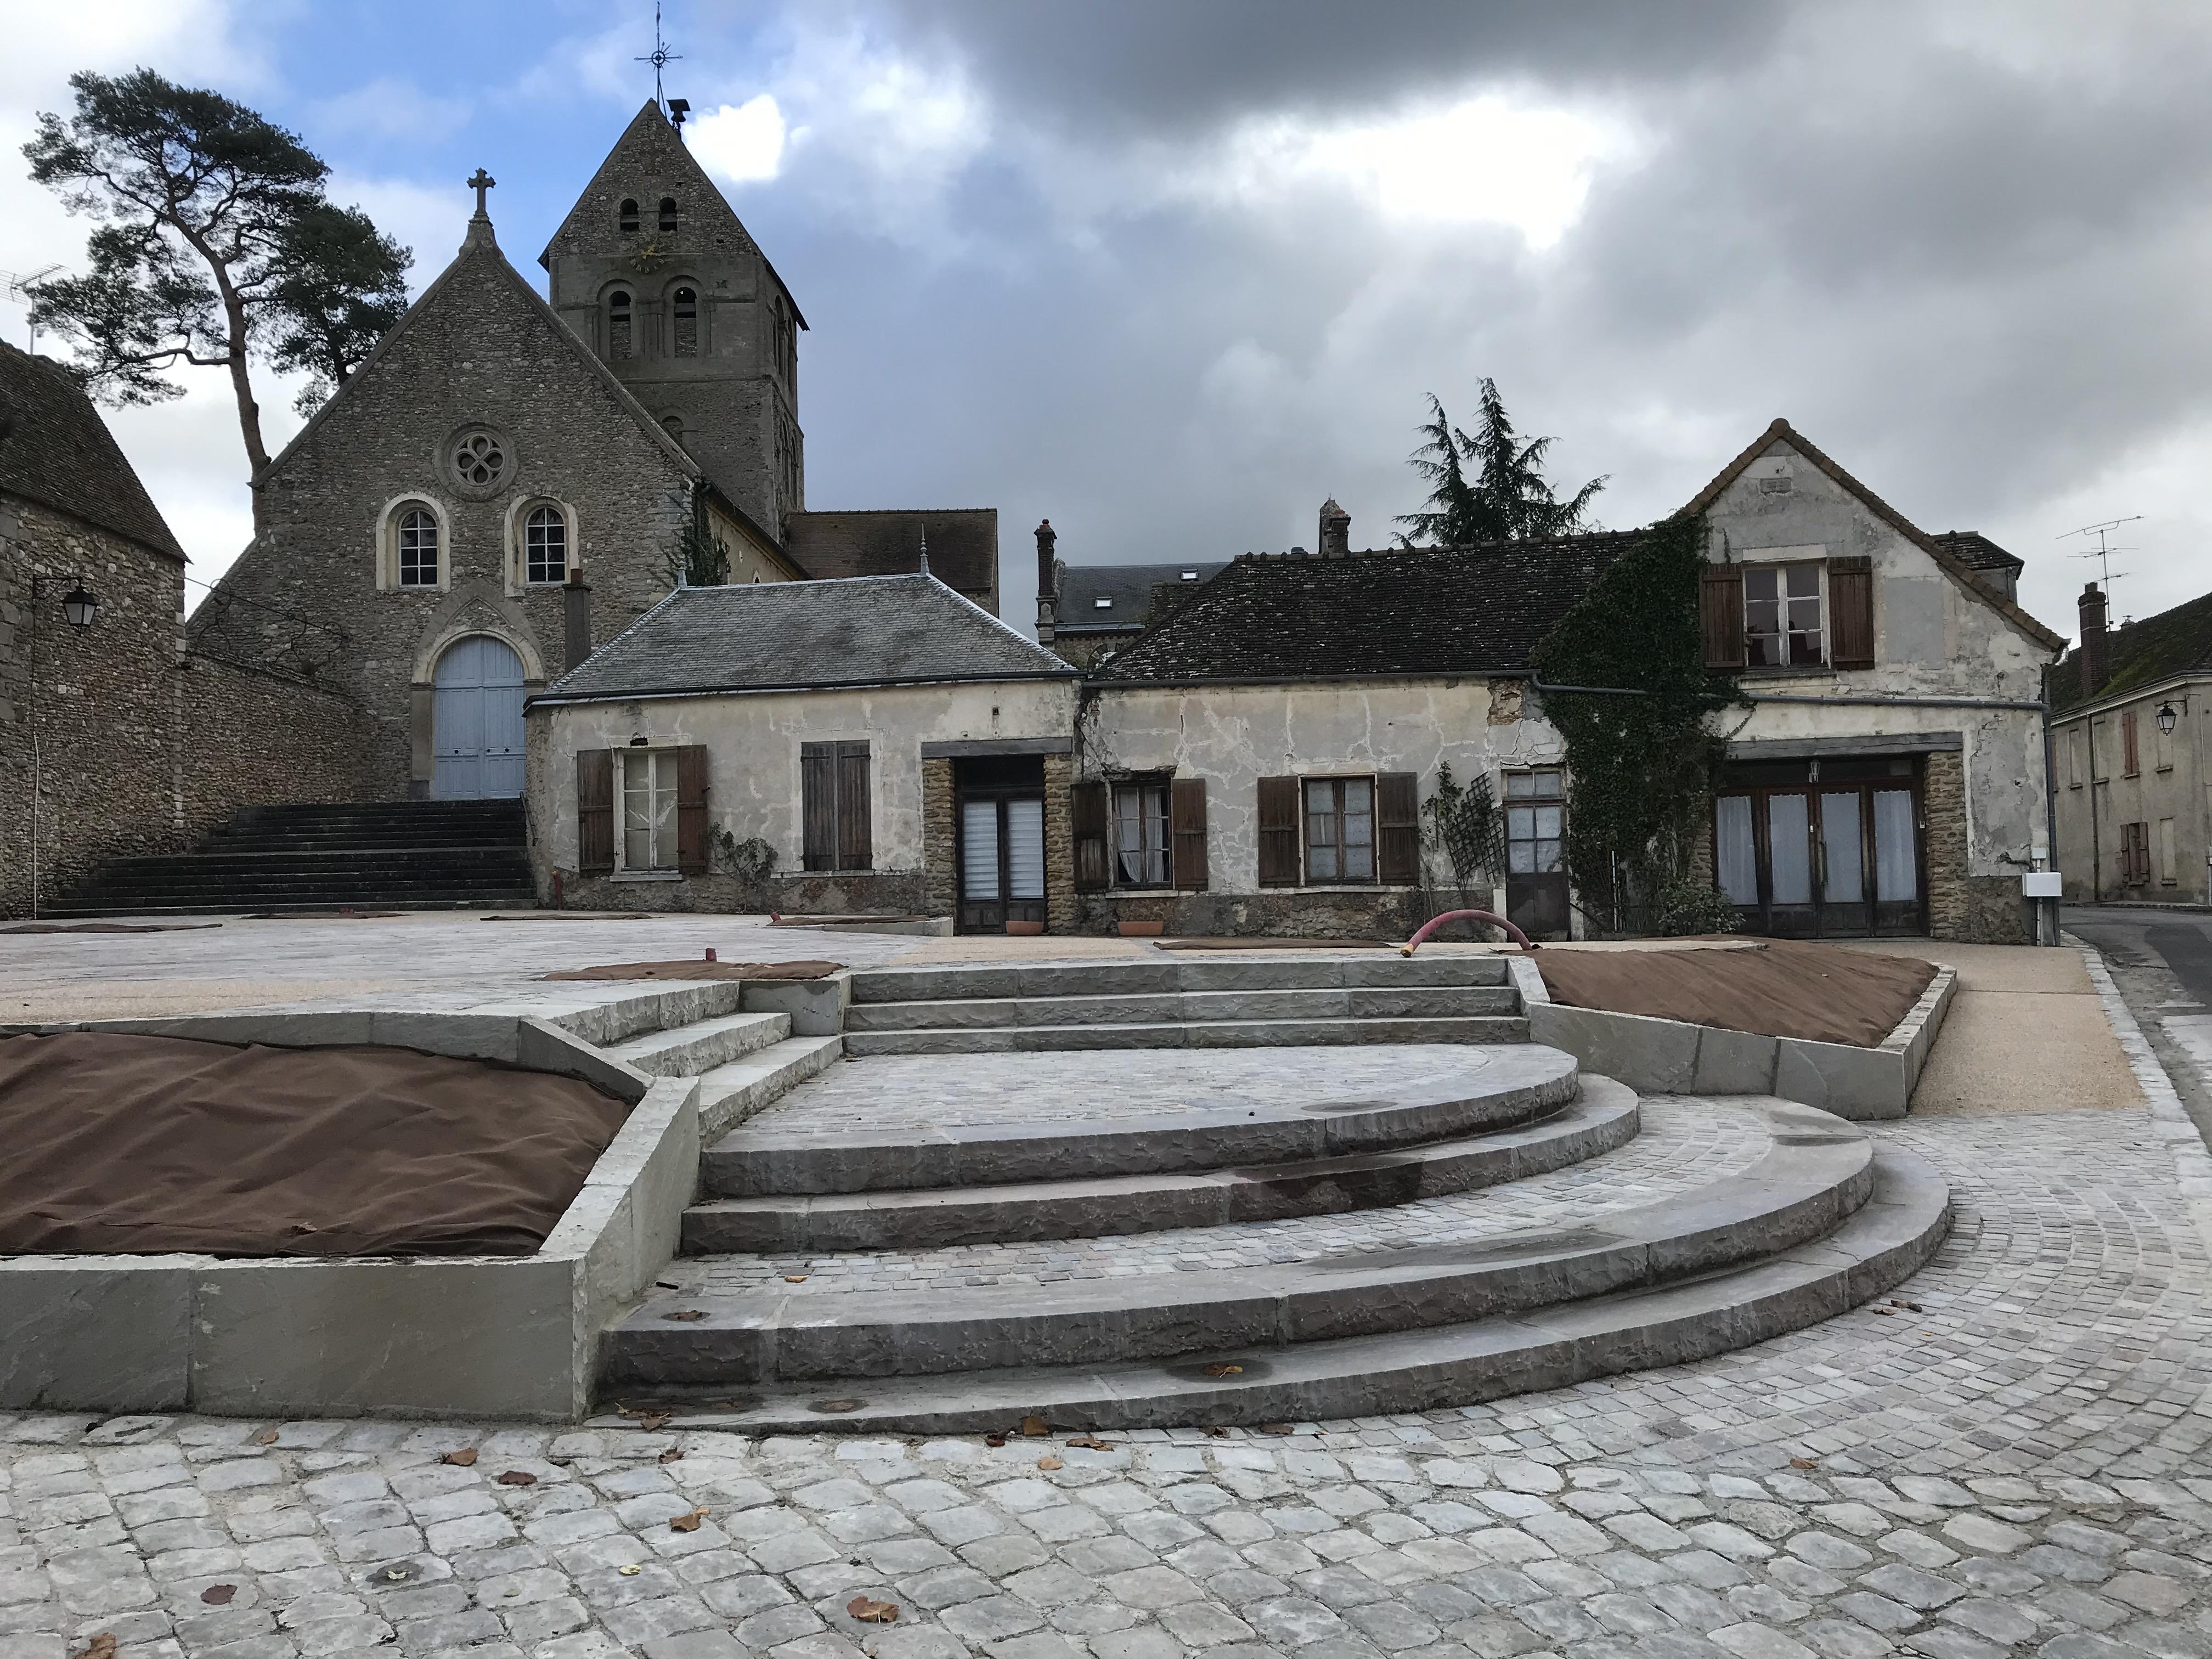 Bazainville